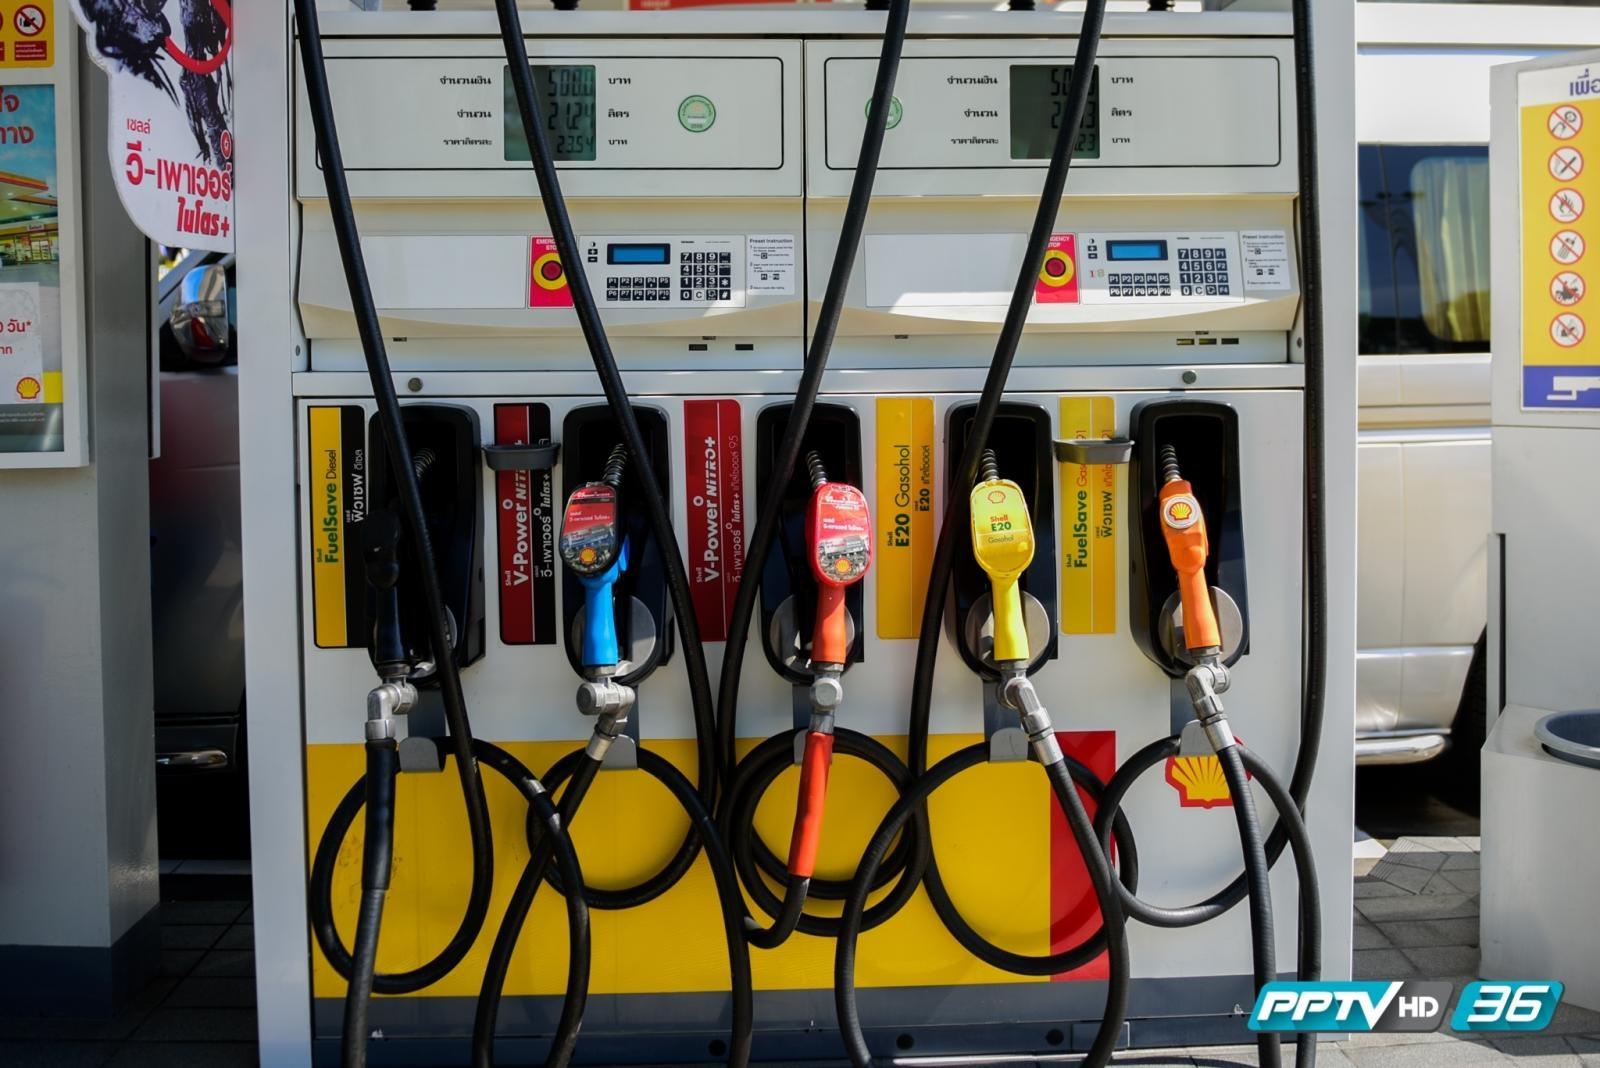 ก.พลังงาน ชี้ราคาน้ำมันครึ่งปีหลังมีแนวโน้มลดลง